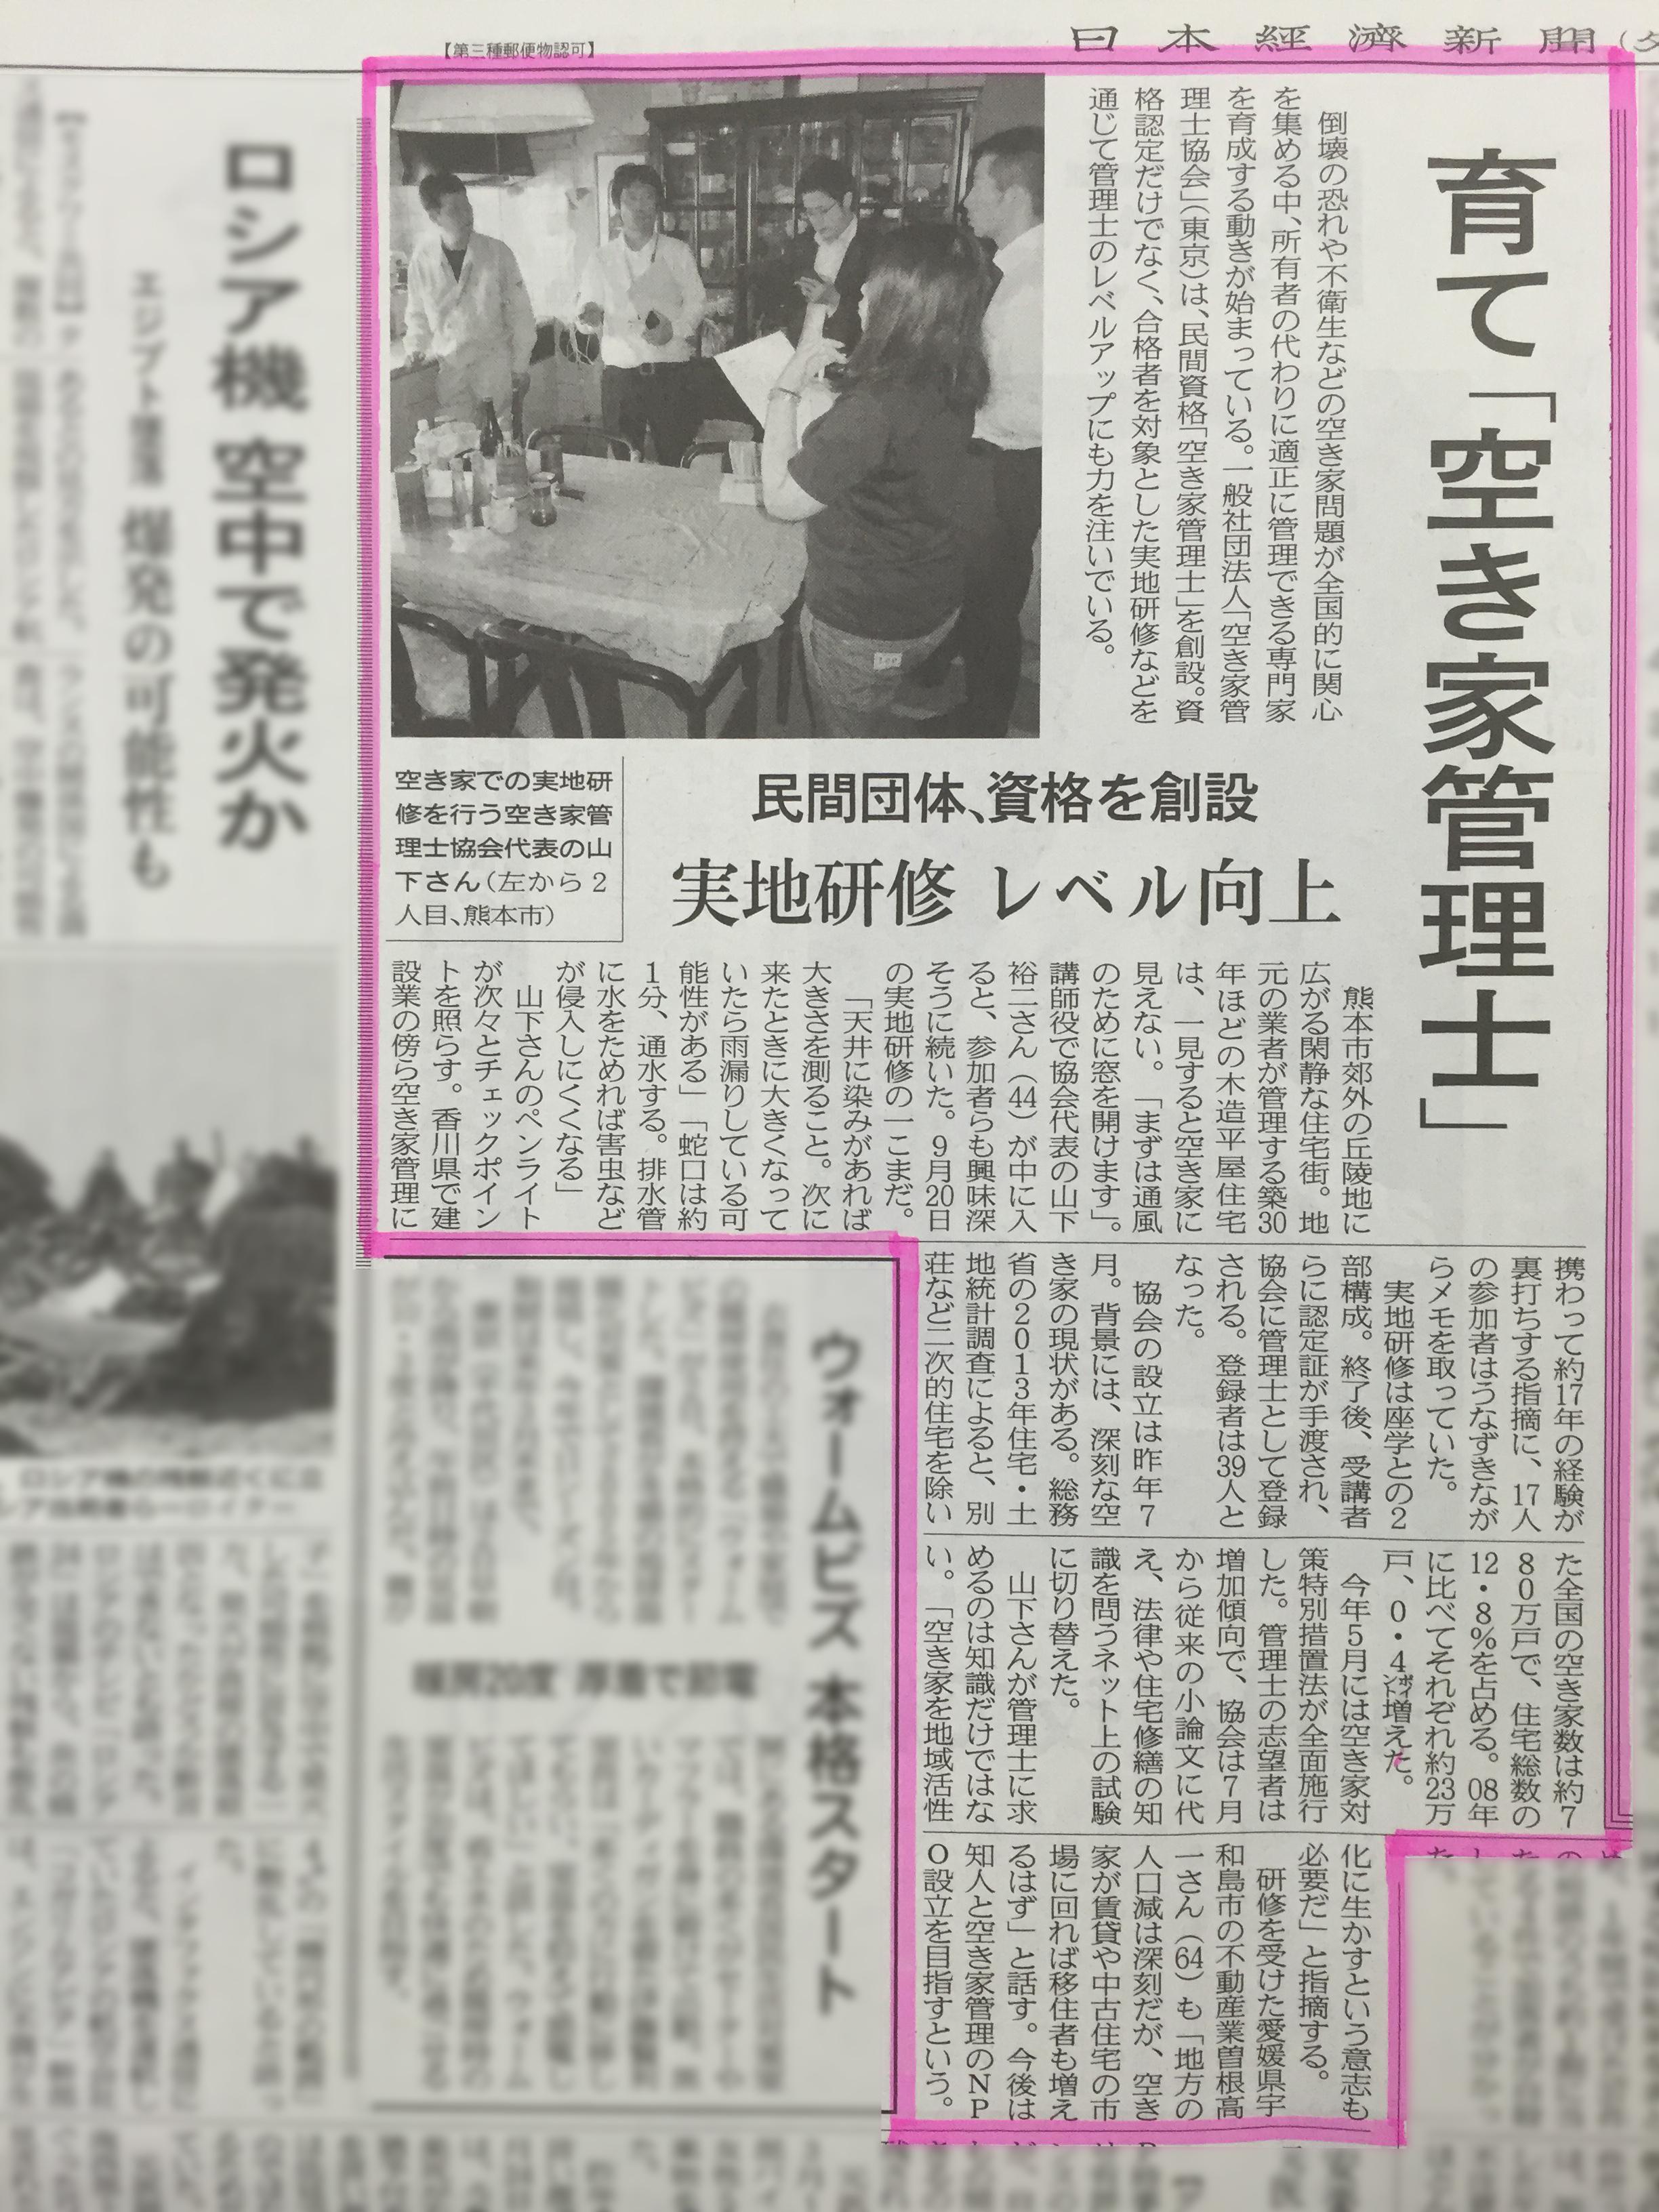 日経新聞記事2015/11/2(夕刊)